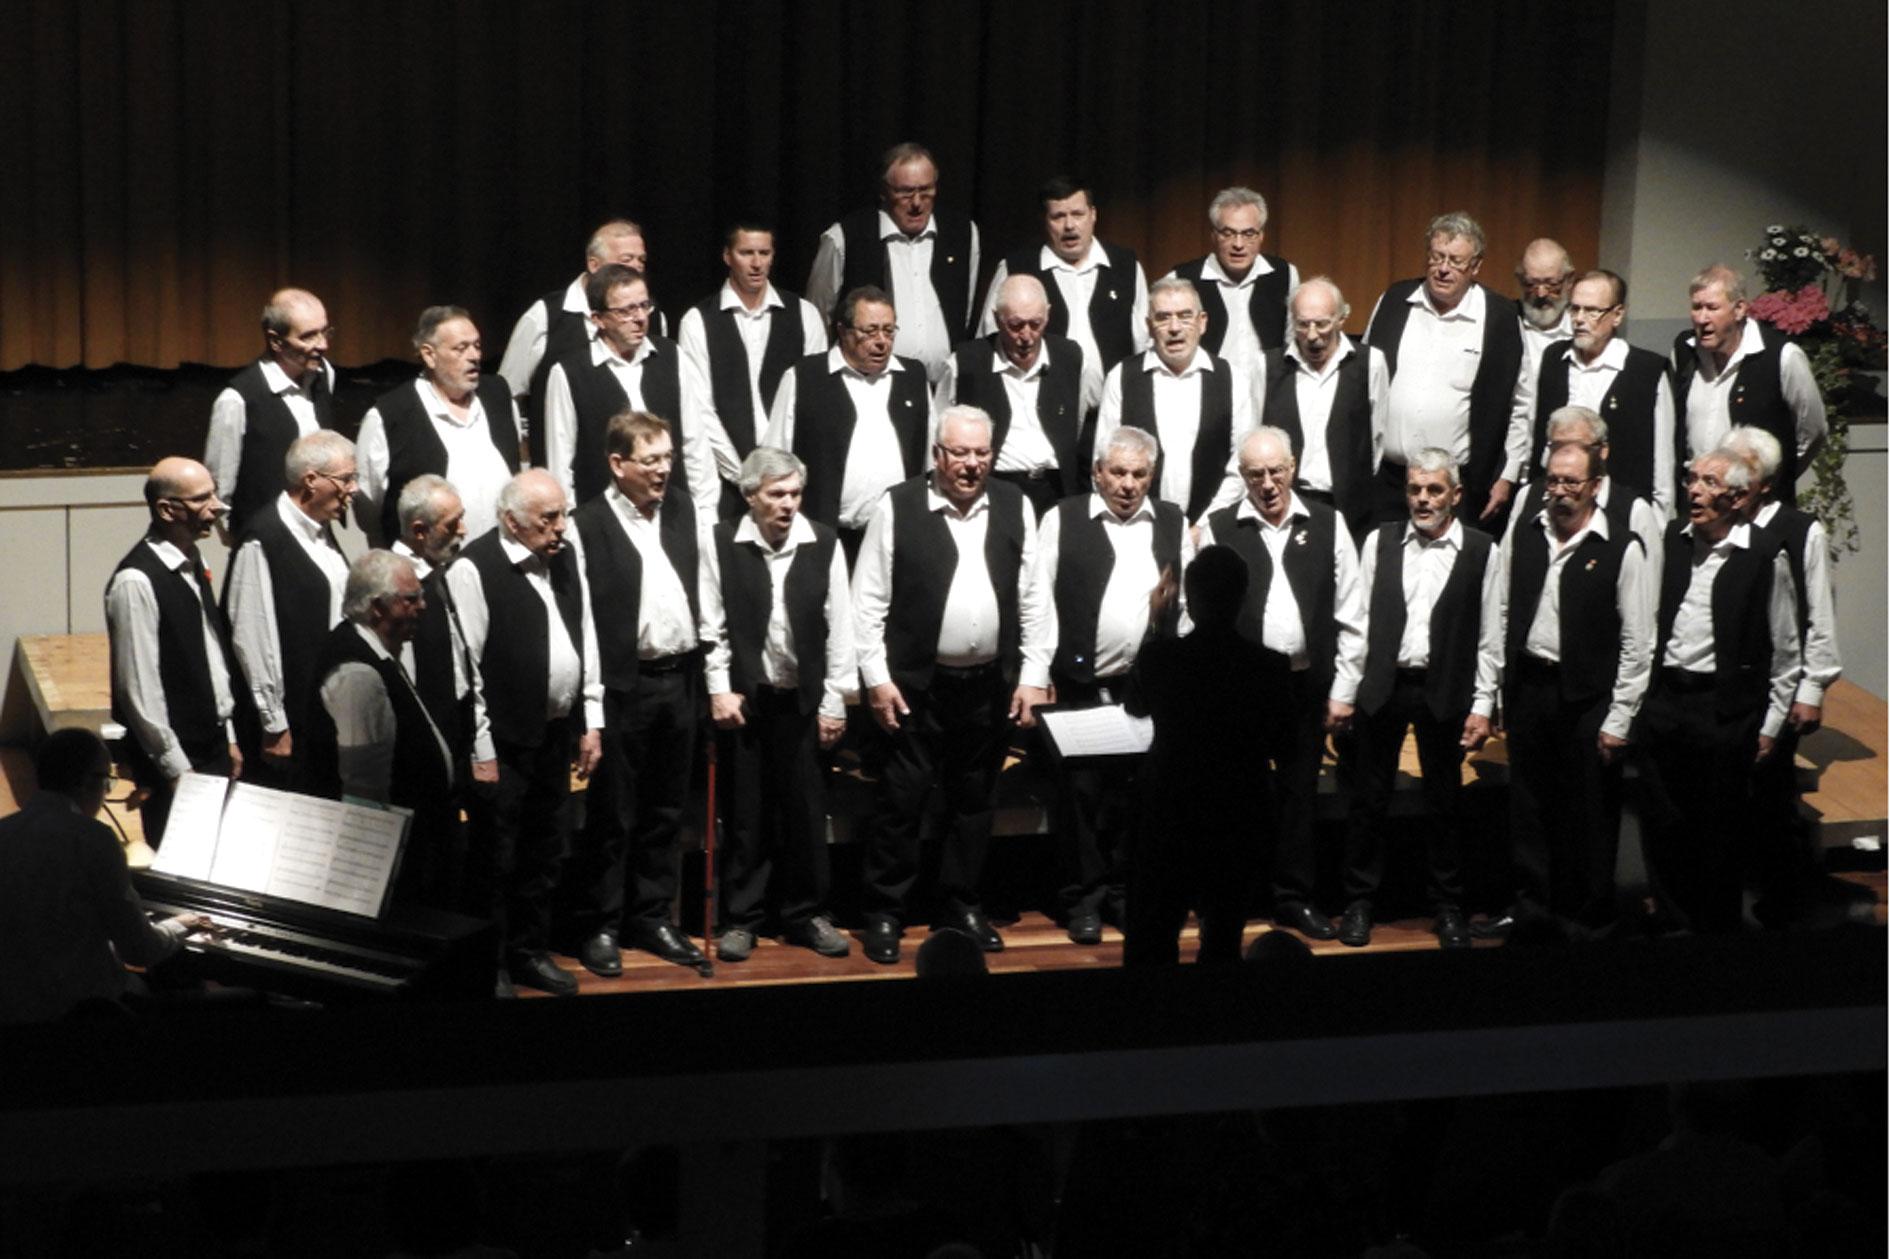 Giron Choral, chauds les choeurs